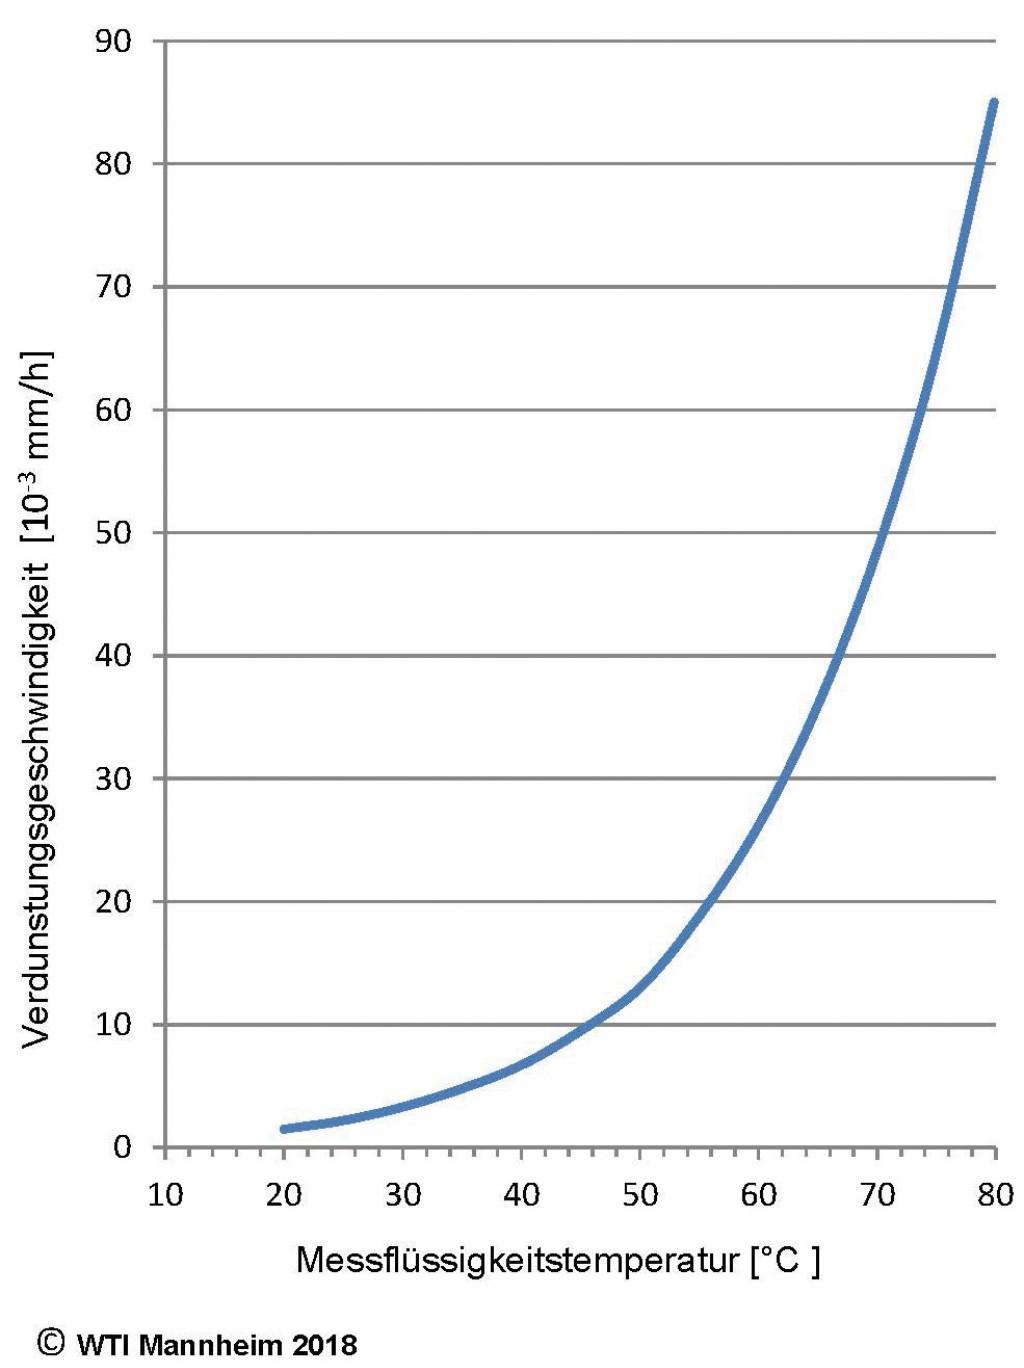 Verdunstungsgeschwindigkeit (Verdunster, Flüssigkeit: Methylbenzoat): Im unteren Temperaturbereich erfolgt eine wesentlich geringere Verdunstung. Einflüsse durch höhere Temperaturen gehen stärker ein. Bild: WTI Mannheim 2018